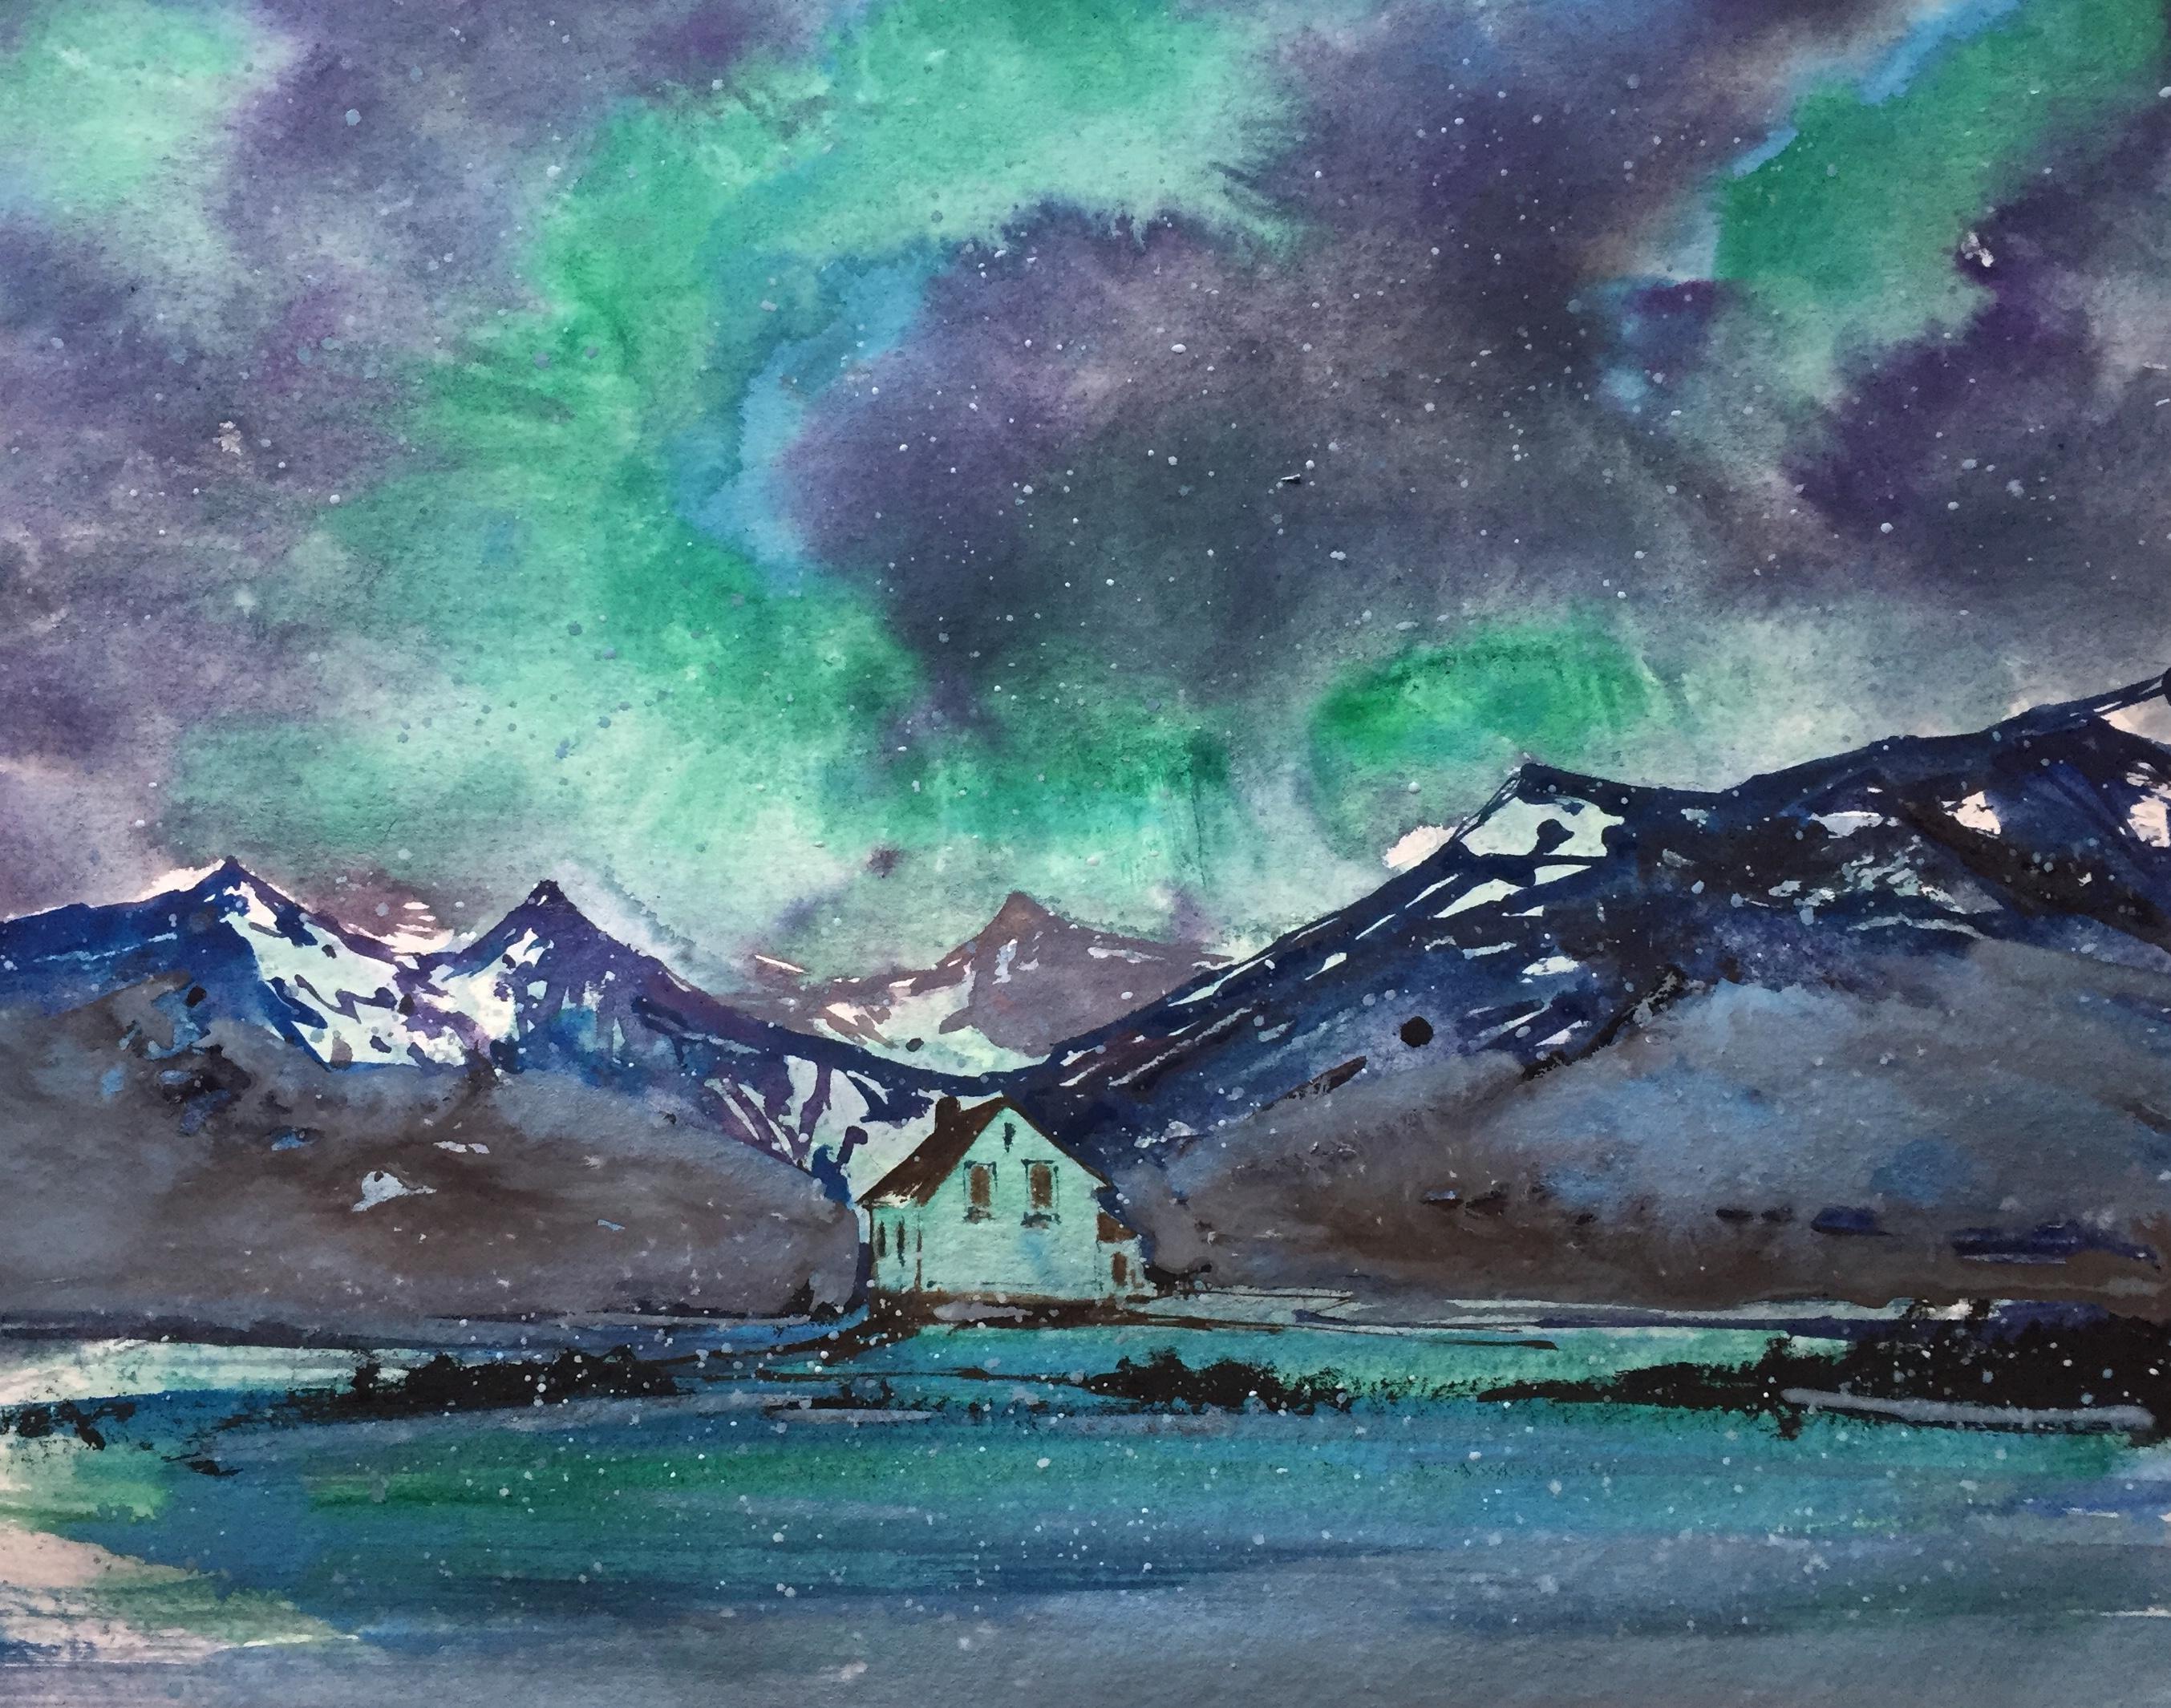 2707x2130 Aurora Borealis In Watercolor Put Me Like